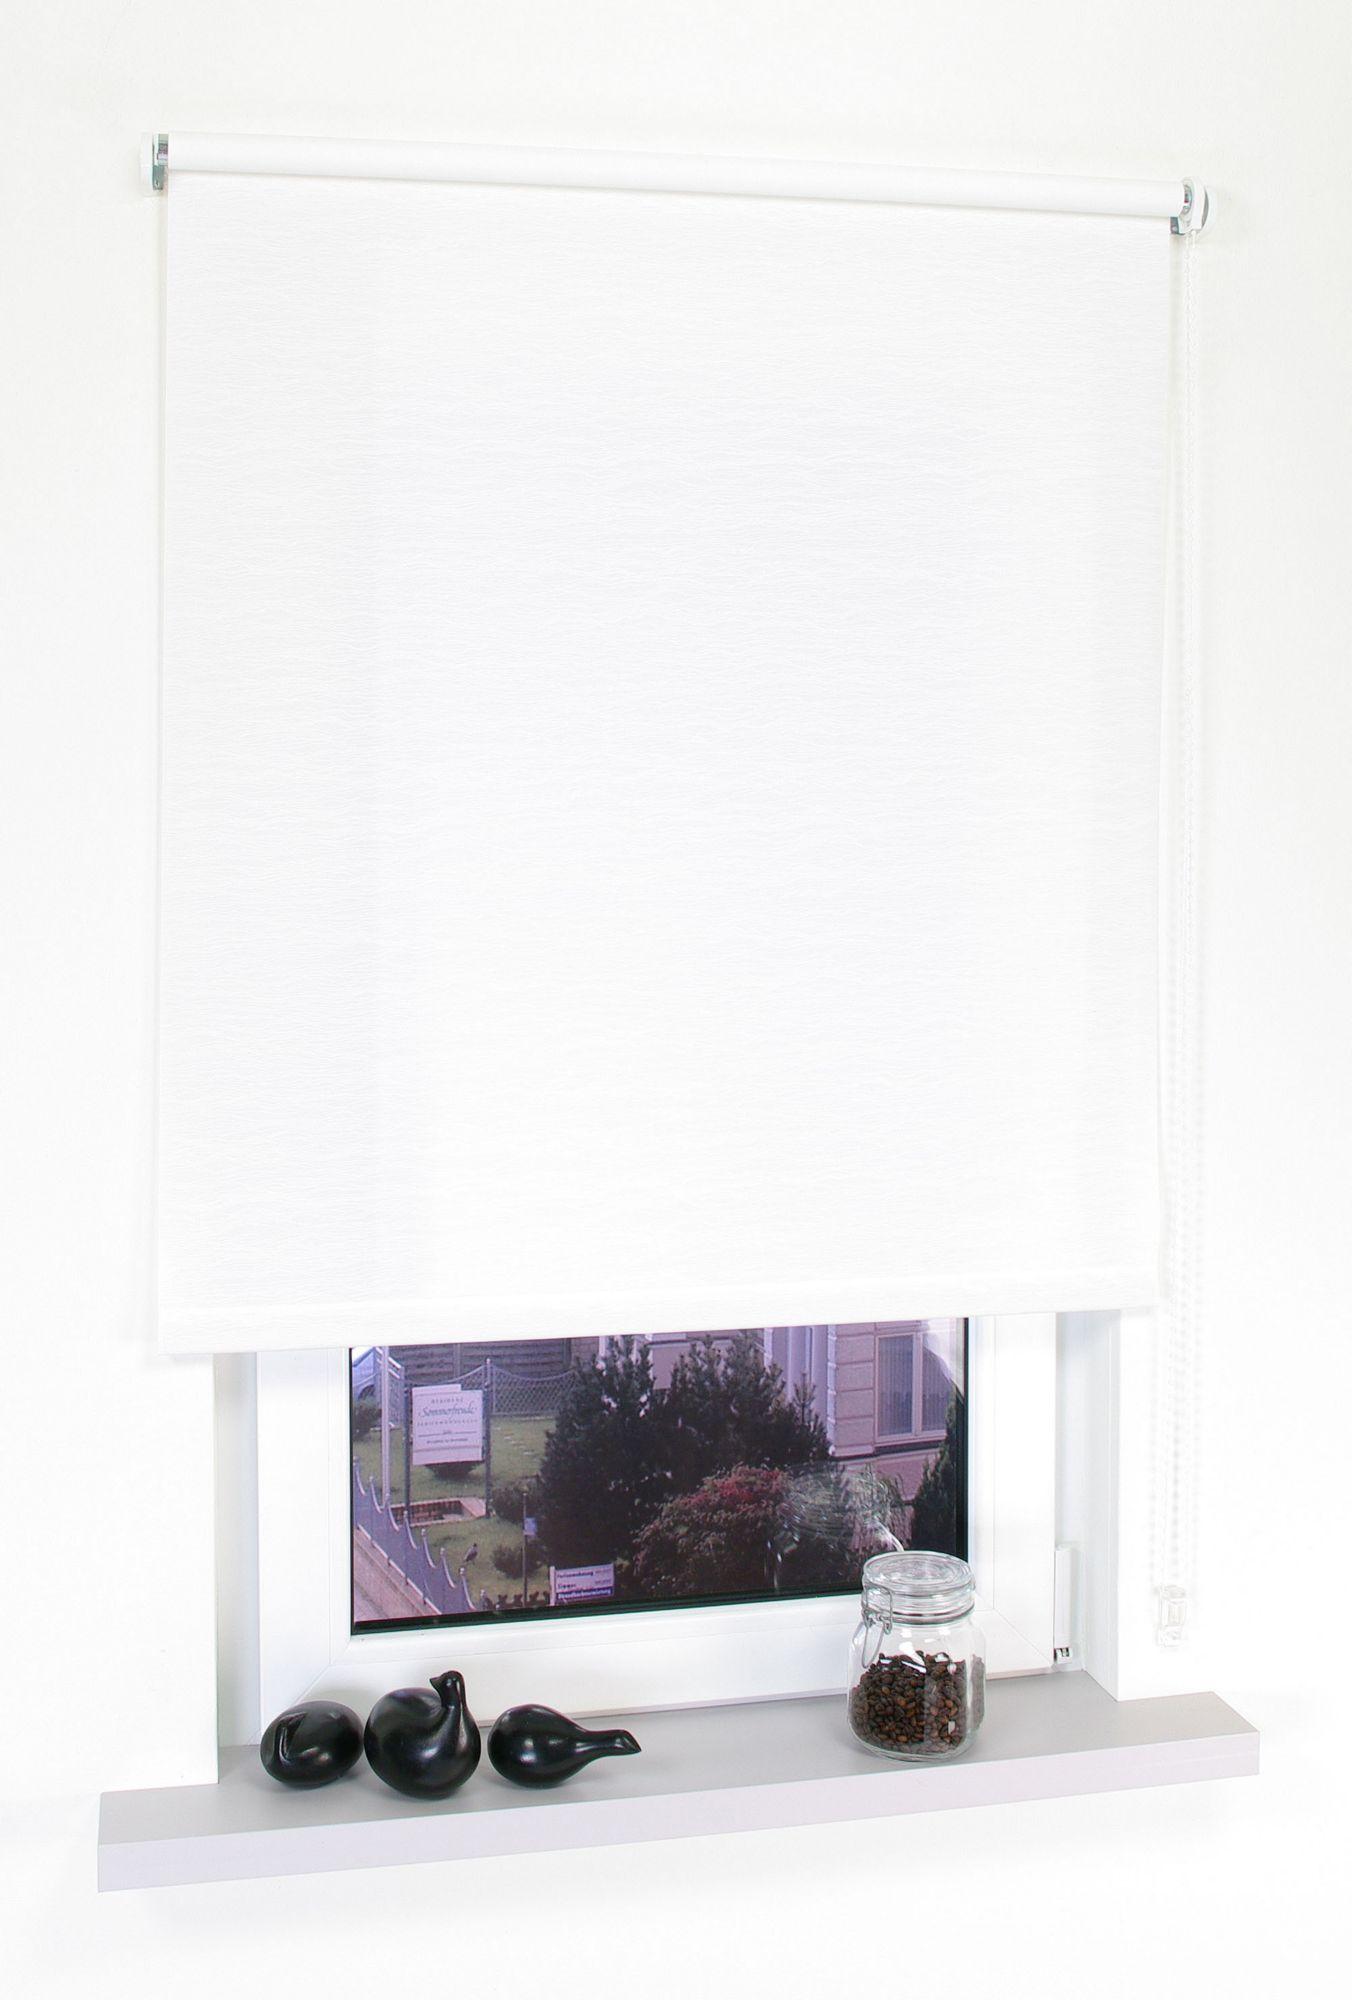 Seitenzugrollo, Liedeco, »Kettenzugrollo Dekor Faden«, Lichtschutz, Fixmaß